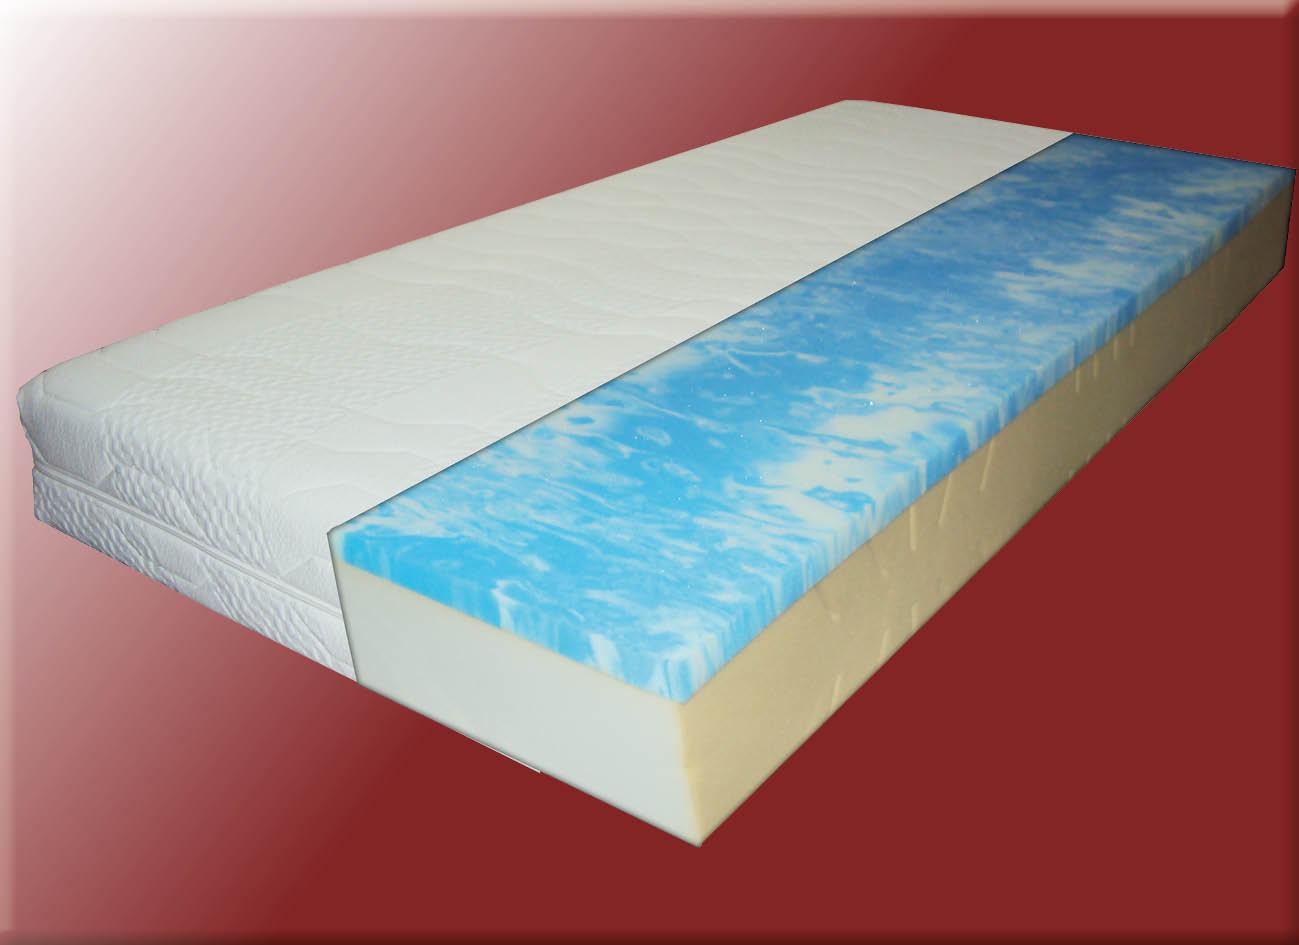 maxx 194 uno gel 1089 100x200 kaltschaum matratze. Black Bedroom Furniture Sets. Home Design Ideas